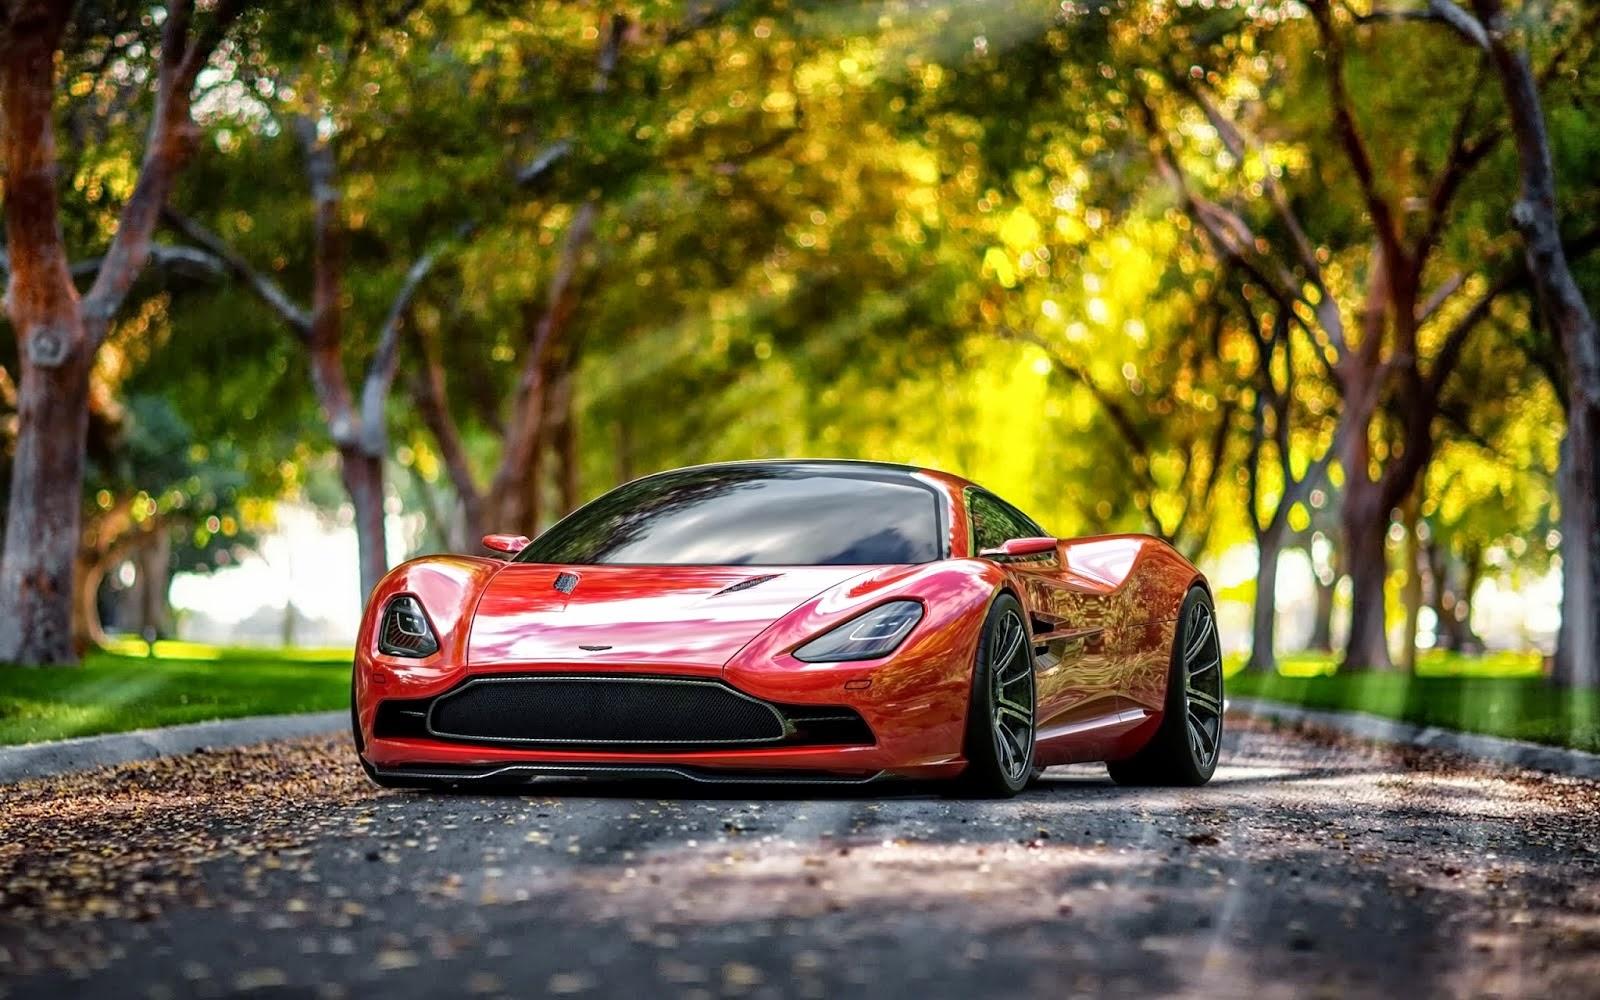 """<img src=""""http://2.bp.blogspot.com/-tukzZlURfFk/U_zx2i-VVGI/AAAAAAAAArU/91OMEbwGpO8/s1600/aston-martin-dbc-3d-wallpaper.jpg"""" alt=""""Aston Martin 3D Wallpaper"""" />"""